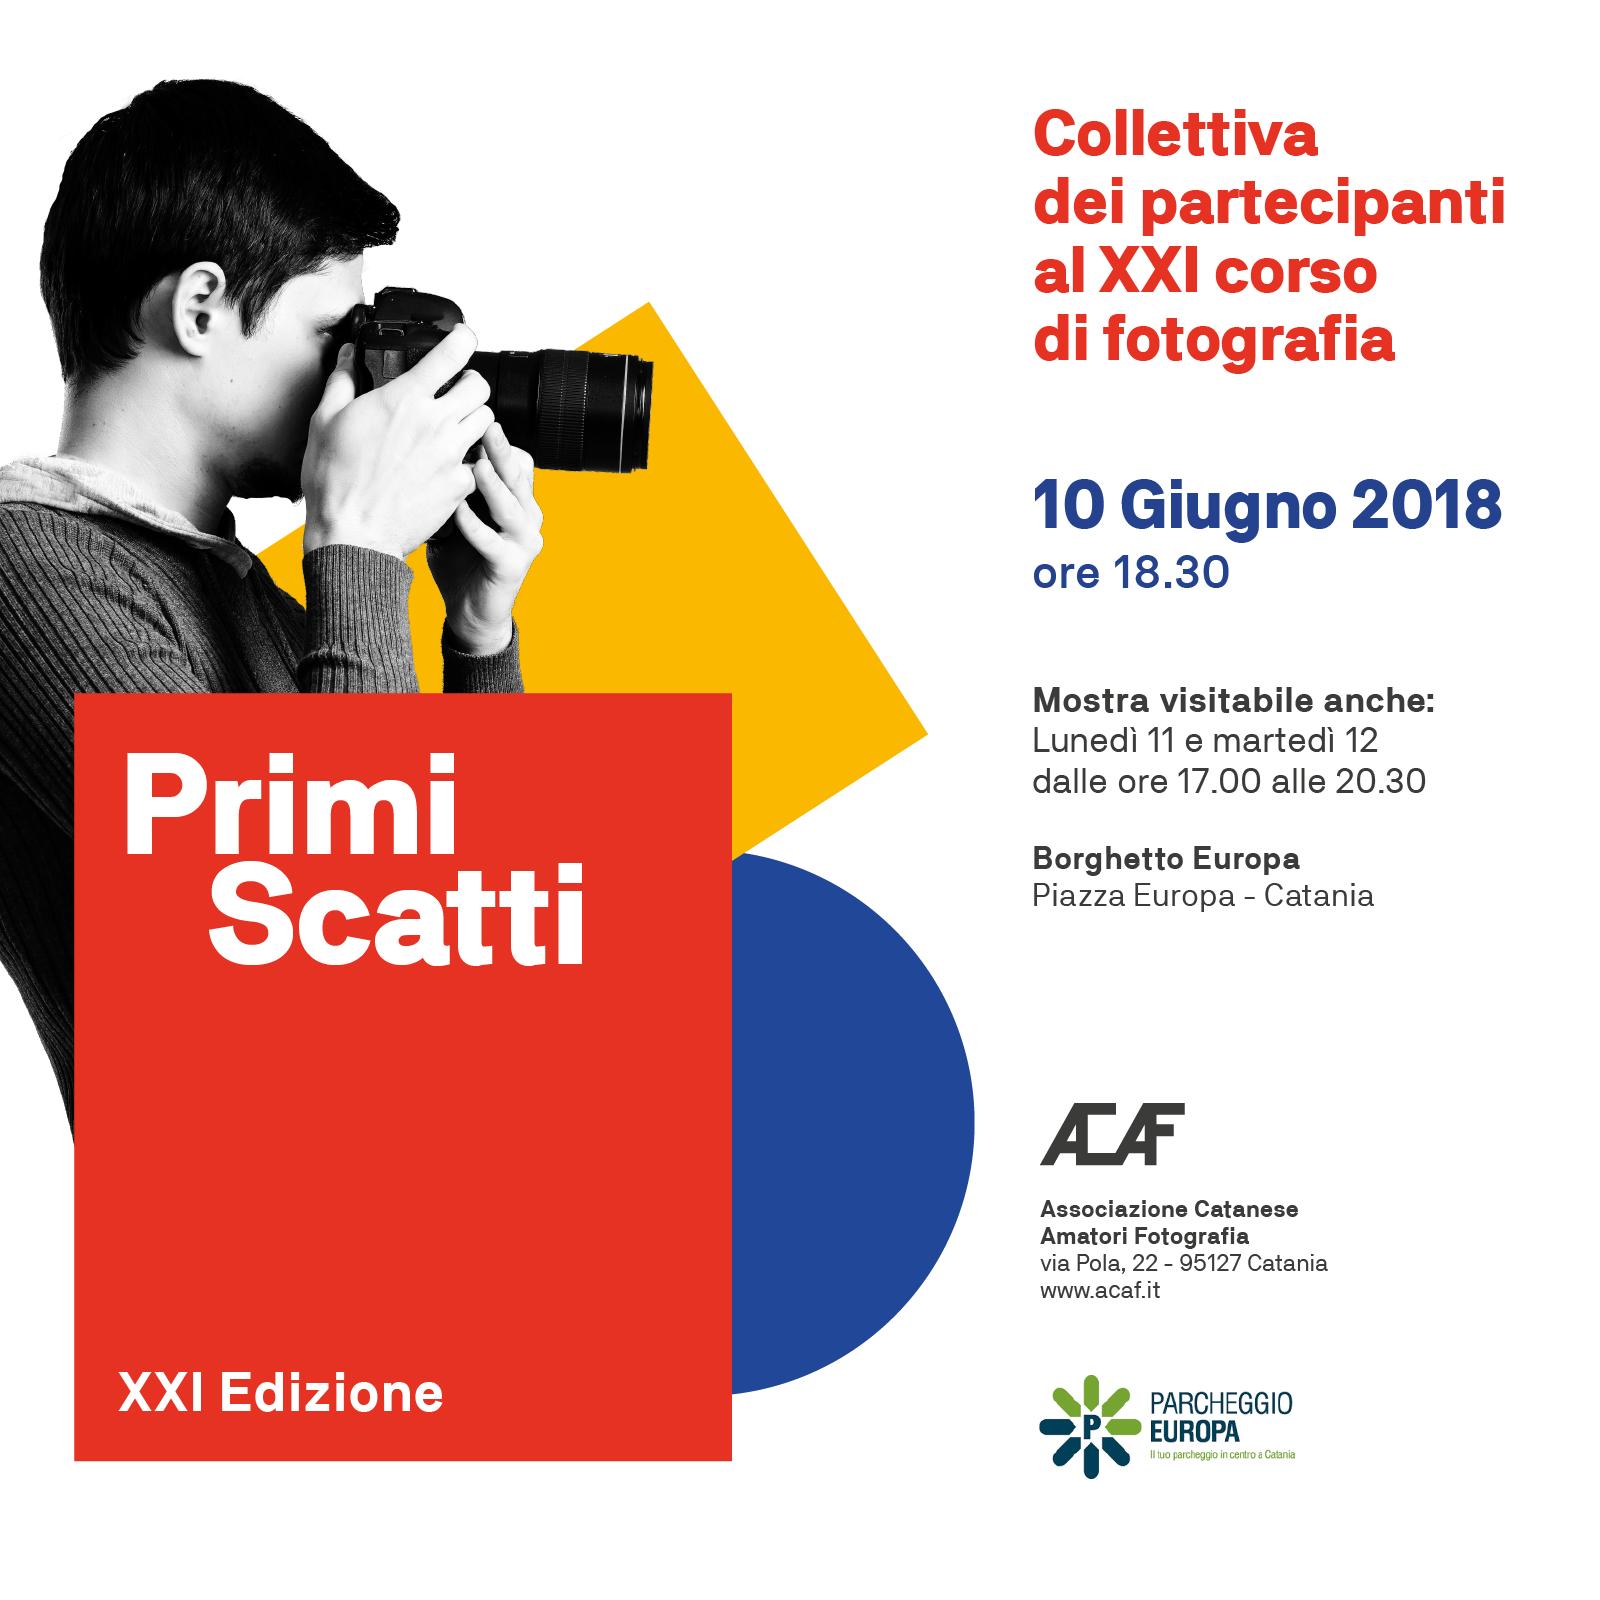 Lavoro Assistente Fotografo Catania acaf - associazione catanese amatori fotografia - premio